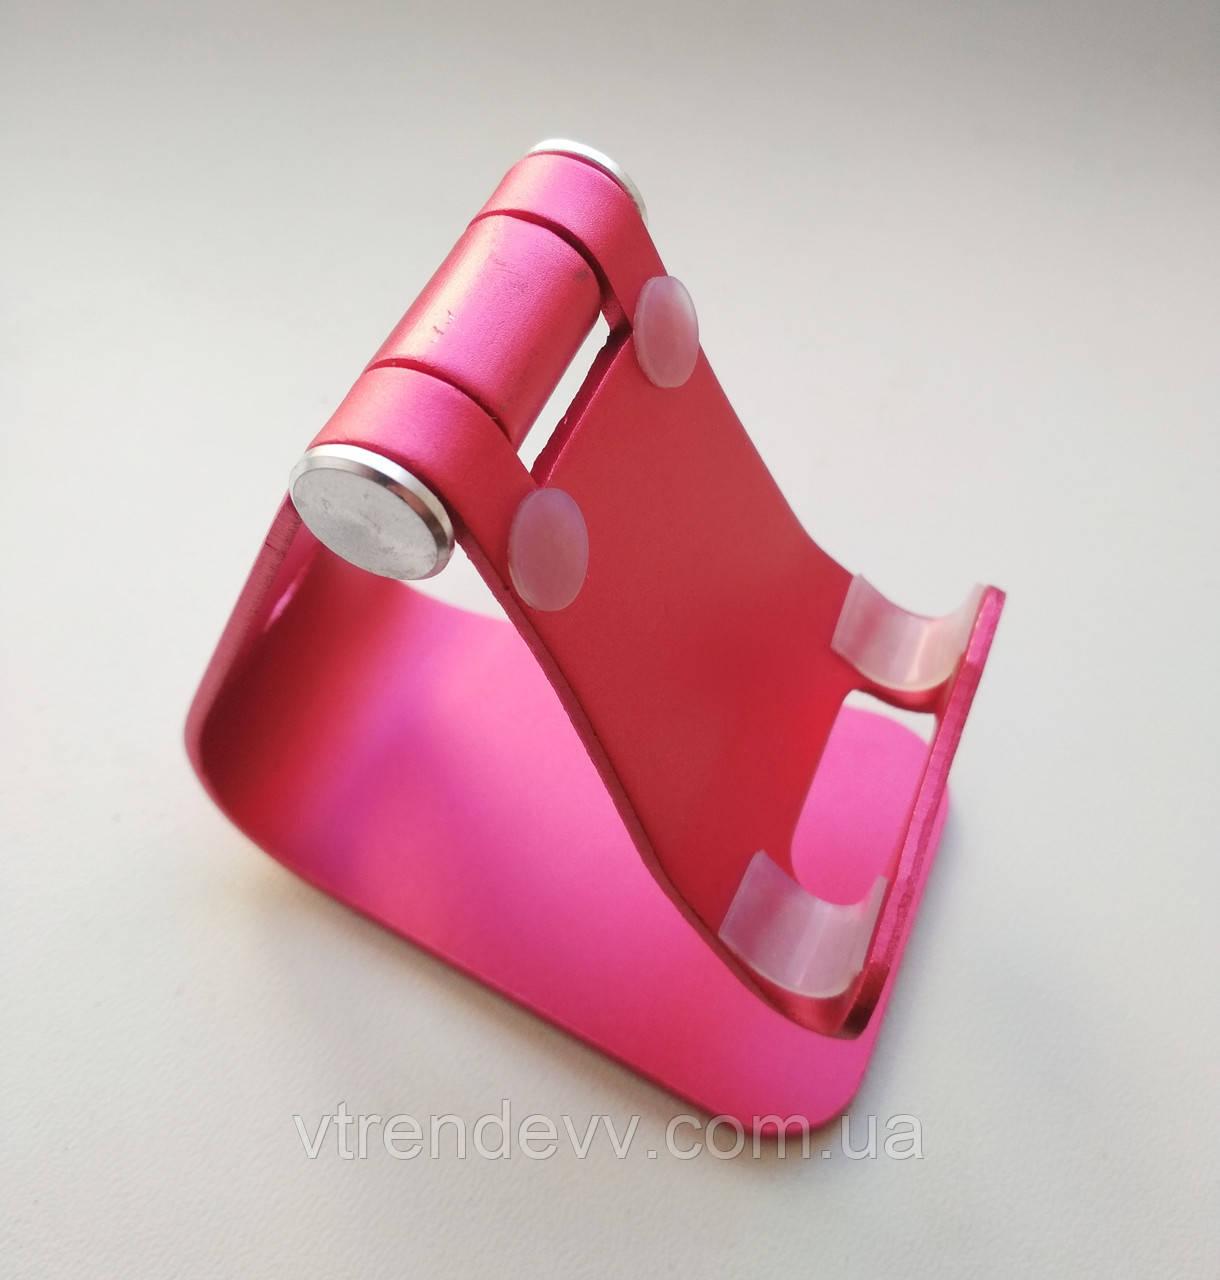 Подставка для планшета и смартфона Tabletop Metal Holder L3 розовый